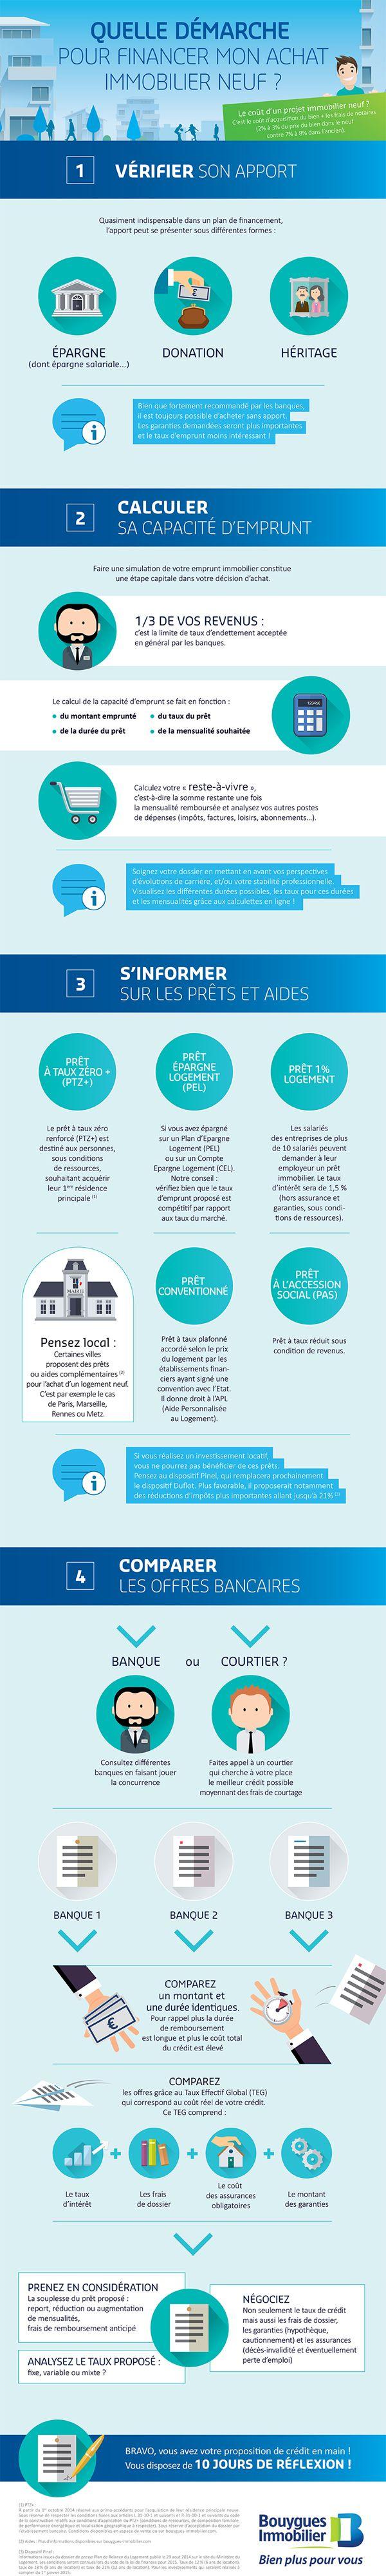 [INFOGRAPHIE] Quelles démarches pour financer un achat immobilier neuf ?